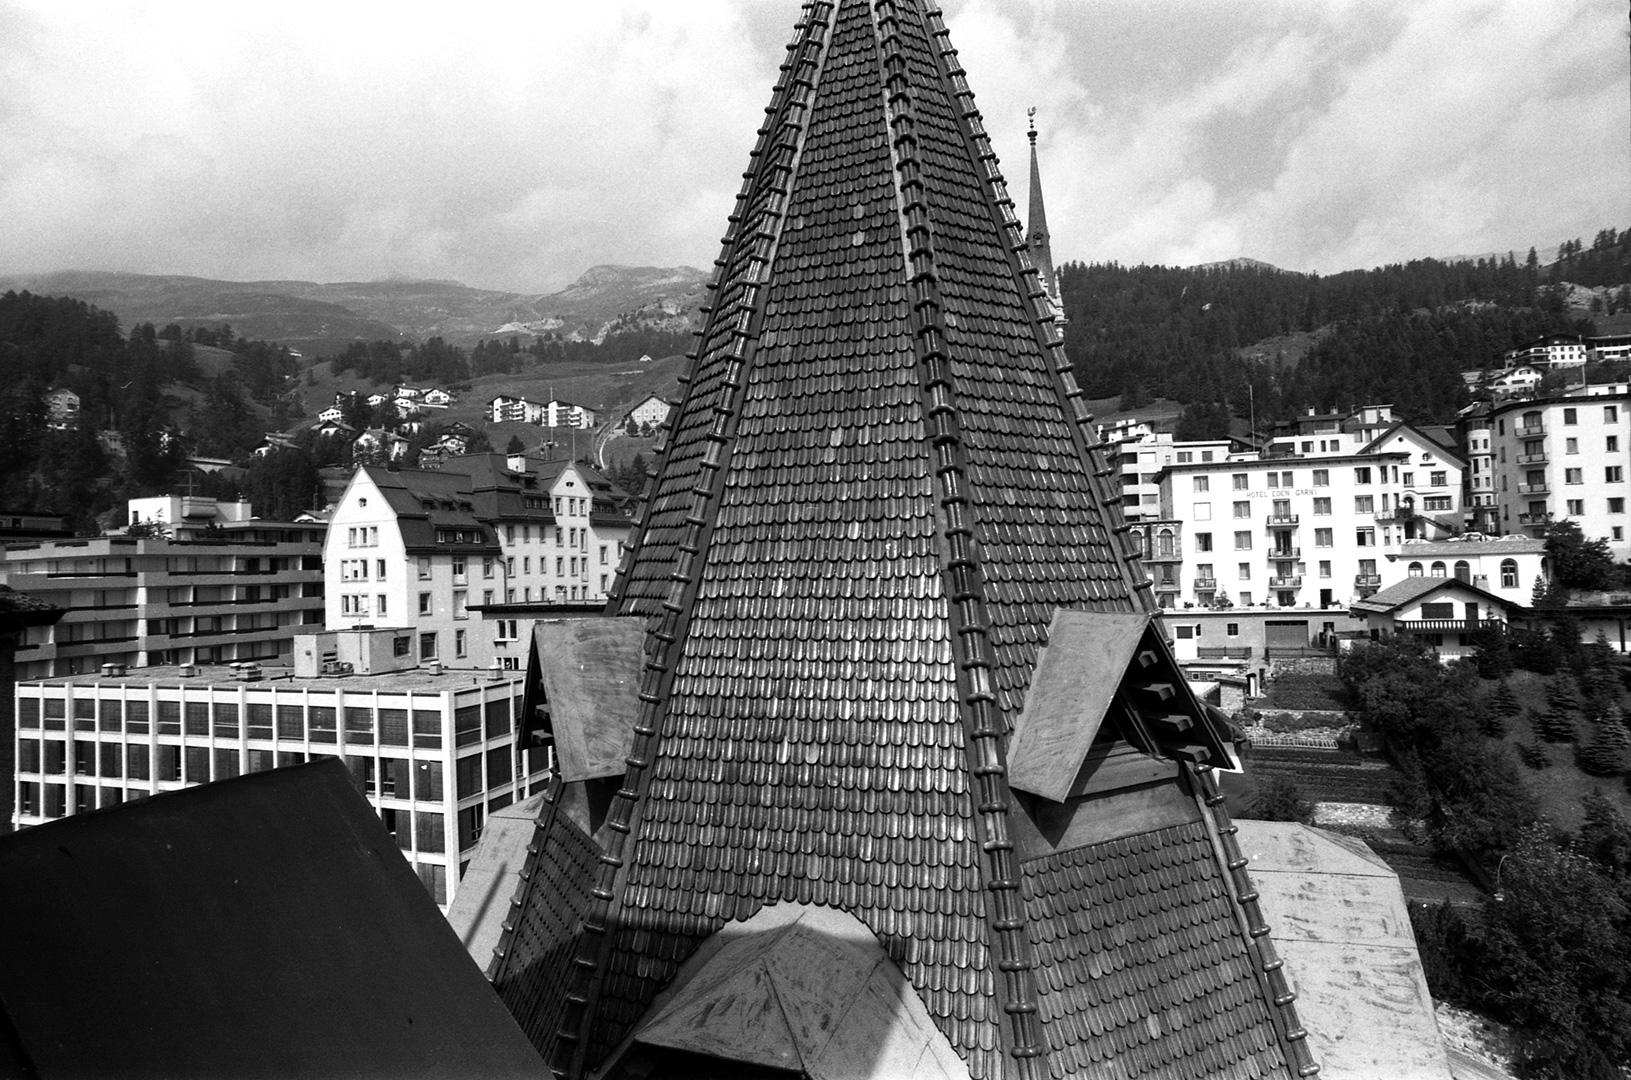 engadin-1982-1984_09_Hotel-Palace-S.-Moritz_1982_08